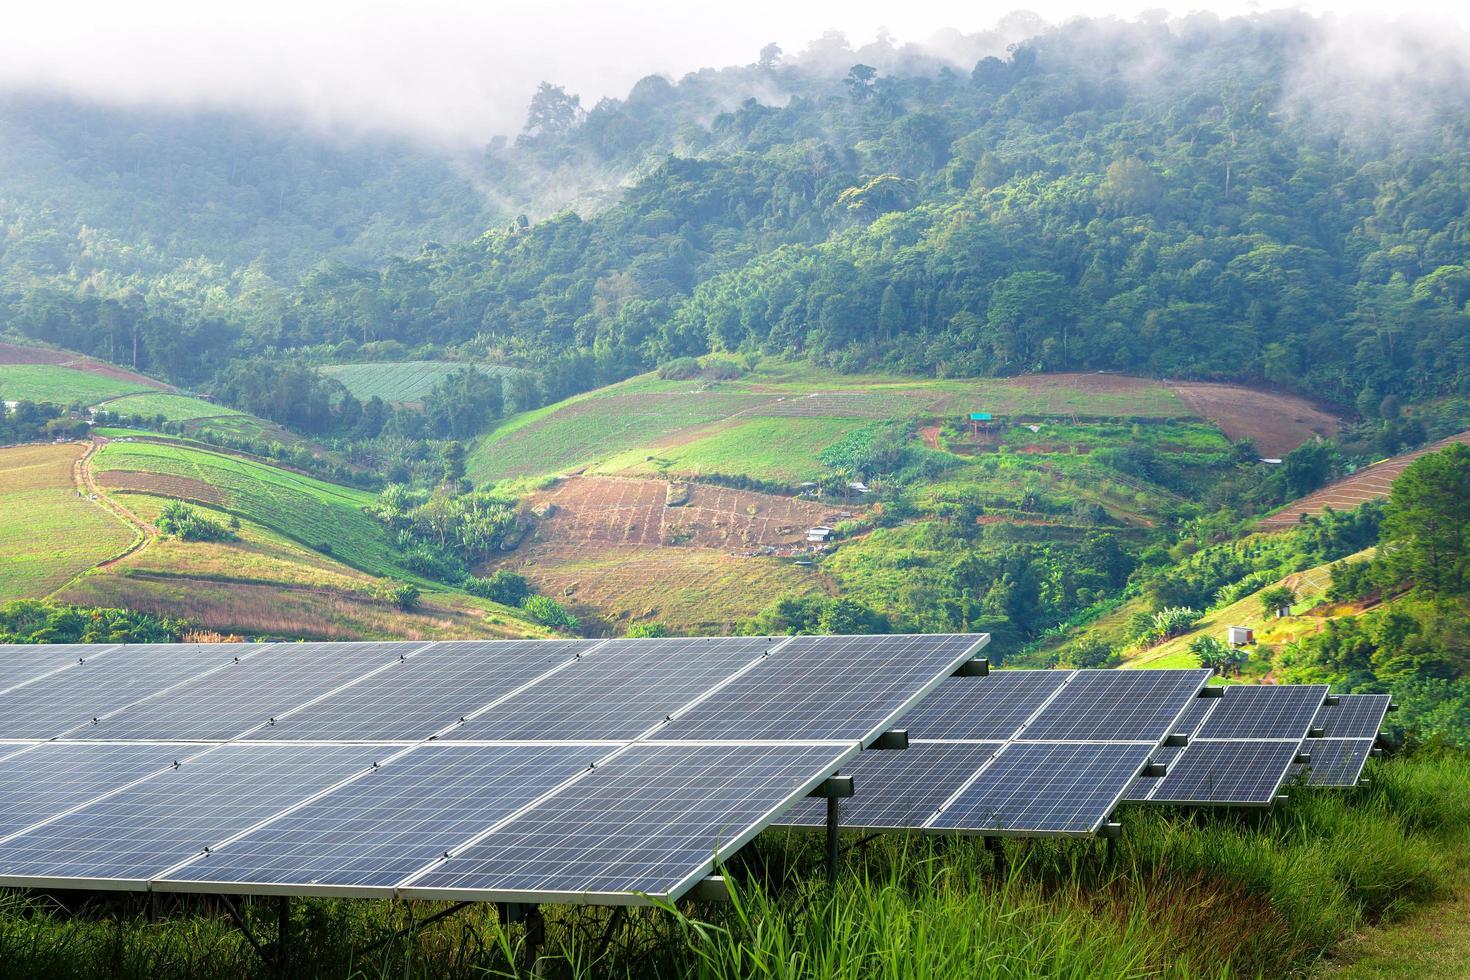 campo del pannello solare si trova in primo piano del lussureggiante villaggio nebbioso foto